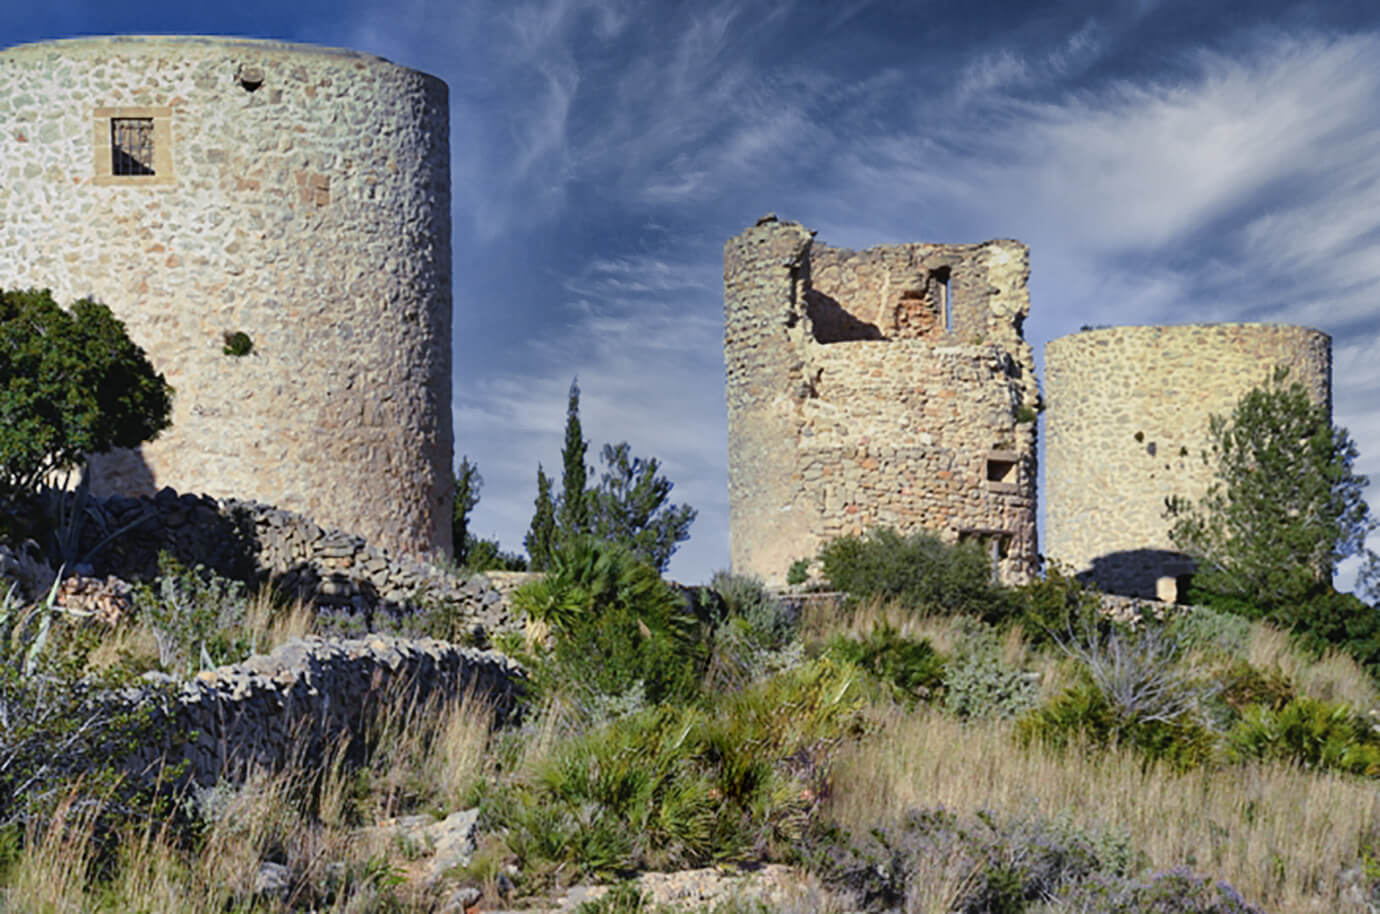 • De torens, Torre de Ambolo, Torre Portichol, Torre Torronel: de kustbewaking werd vanuit deze uitkijktorens verzekerd dankzij hun strategische ligging langs de kustlijn, Geschiedenis, Javea, Xabia, Costa-Blanca,